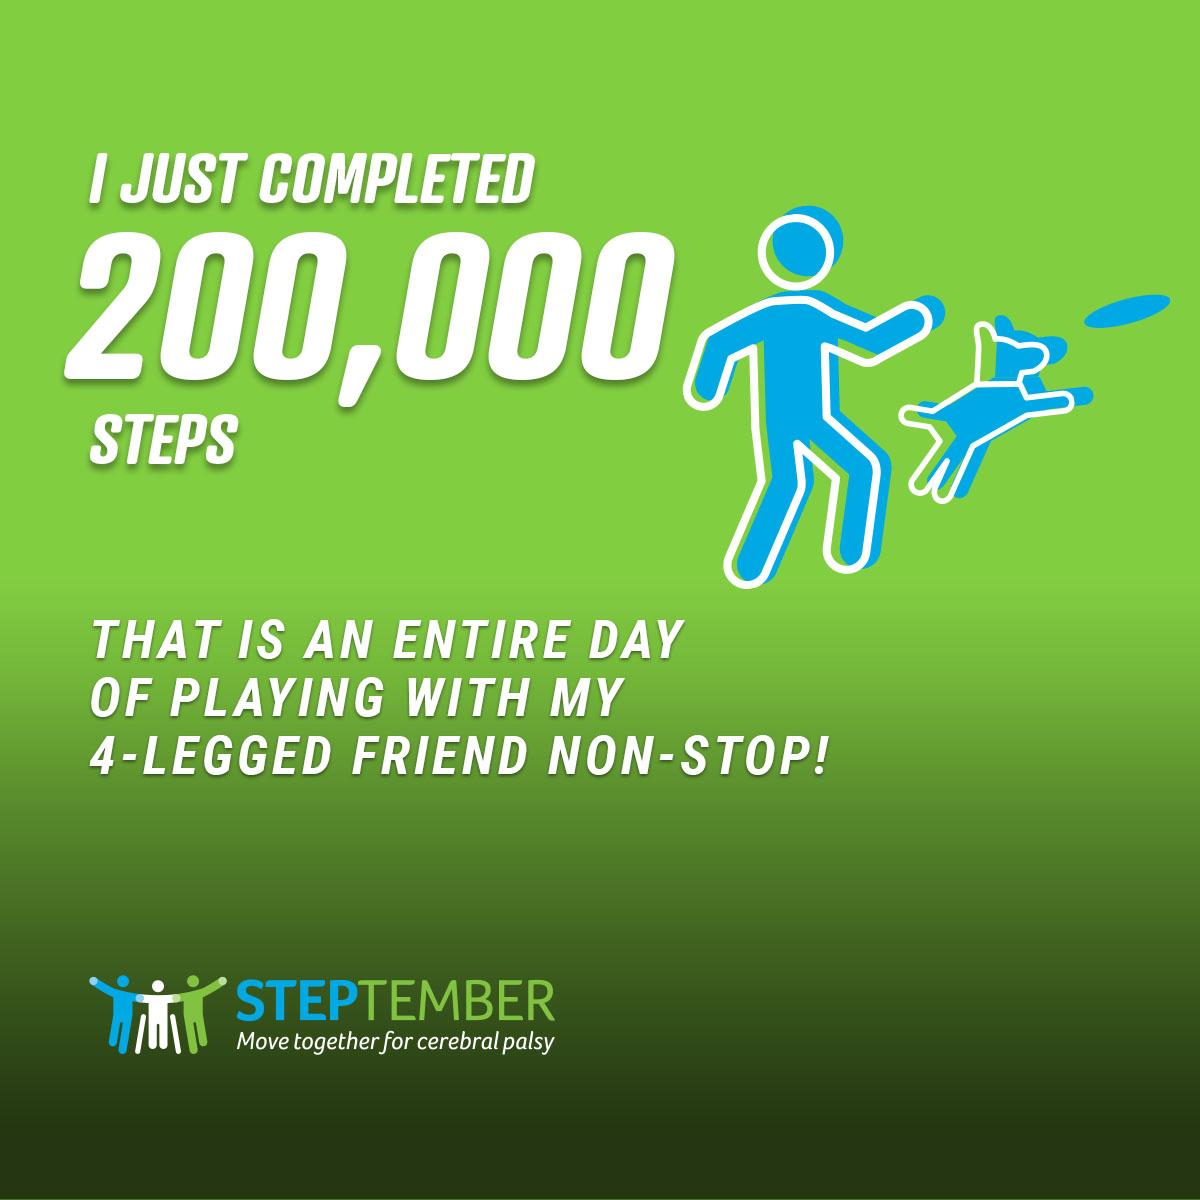 Social Post - 200,000 Steps